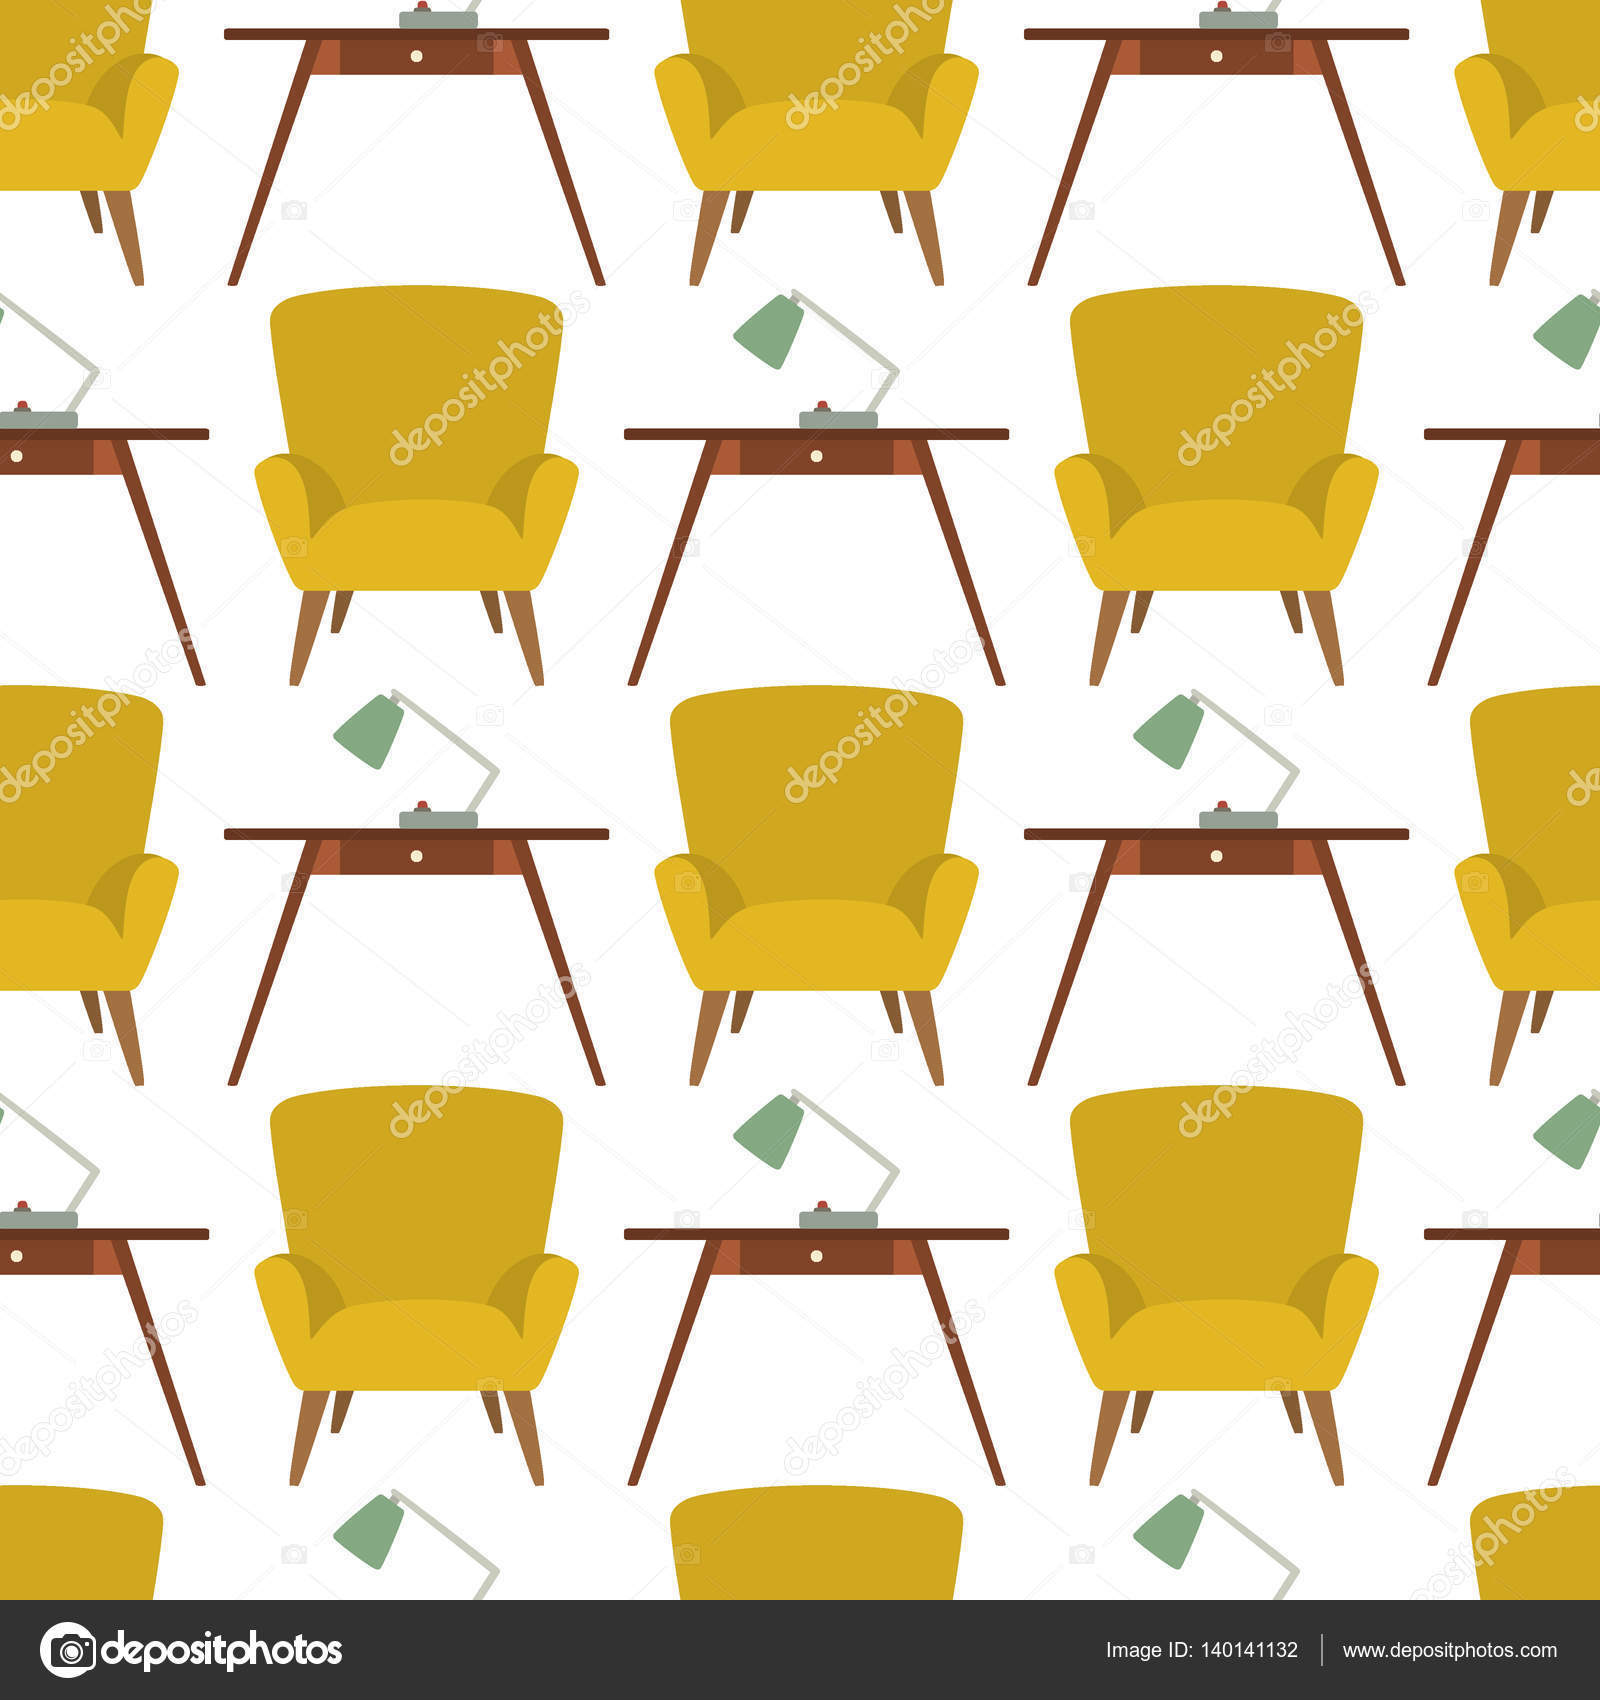 Nahtlose Vektormuster Mit Wohnzimmer Möbel In Der Mitte Des Jahrhunderts  Modernen Stil. Schöne Design Elemente, Perfekt Für Jedes Unternehmen Im ...